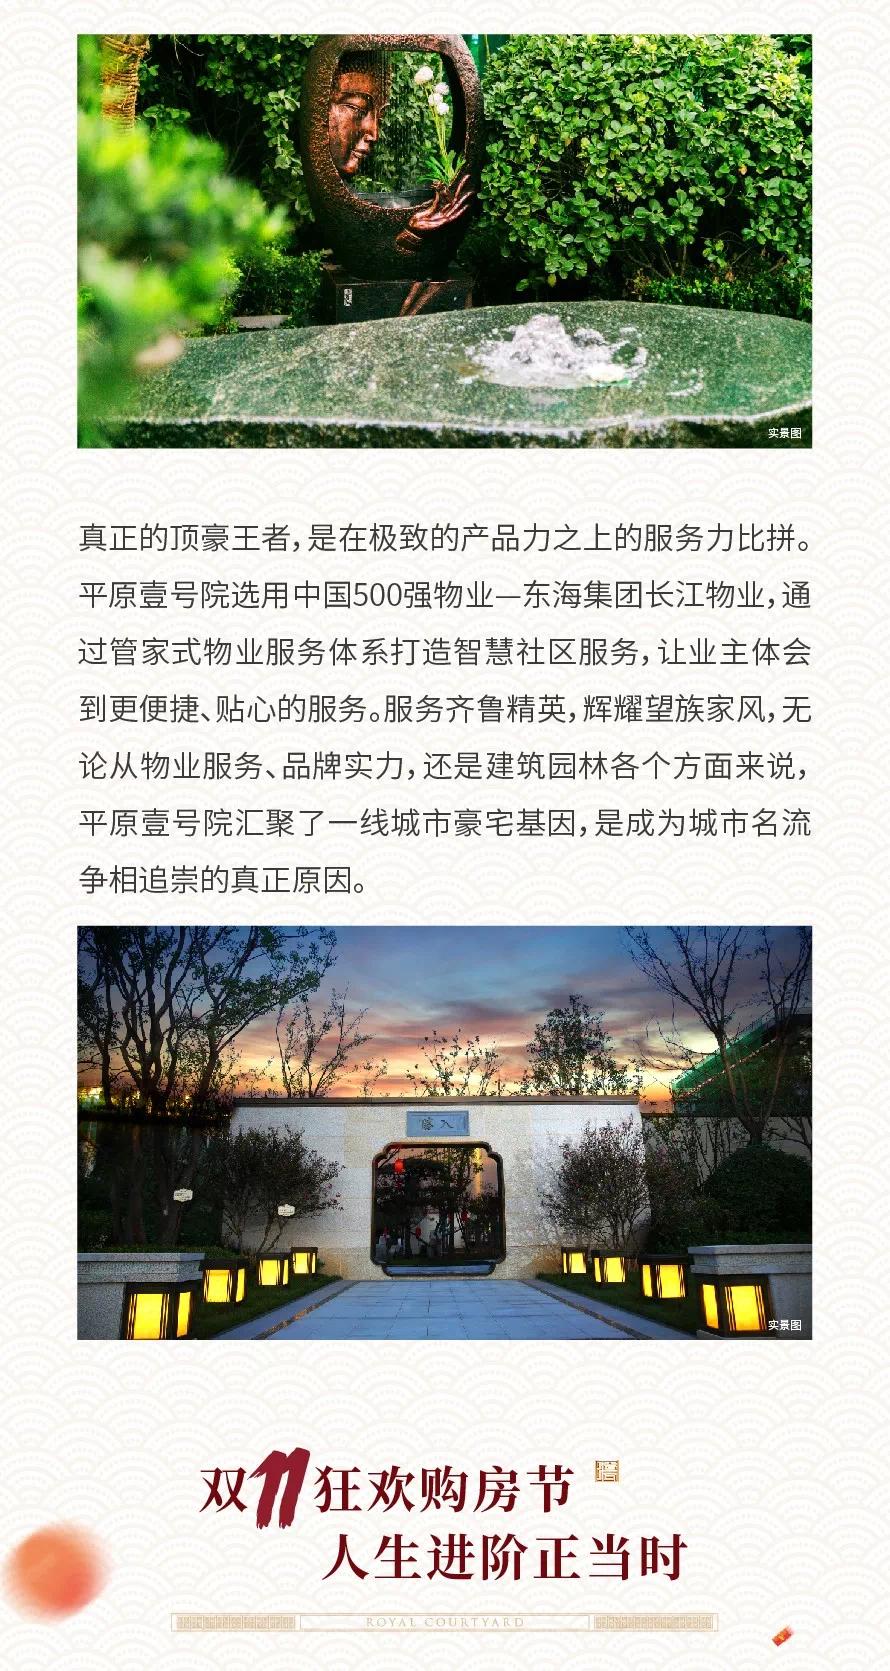 平原壹号院:双11狂欢购房节 院惠三重礼,敬献城市层峰